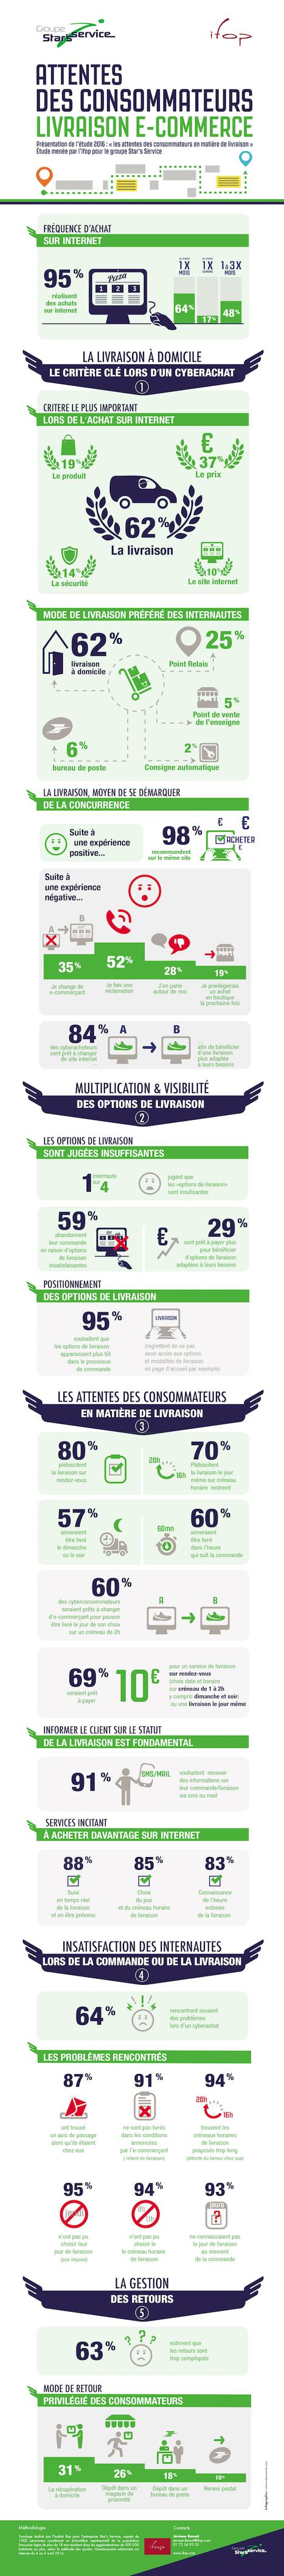 Les attentes des consommateurs en matière de livraison | Les infographies ! | Scoop.it